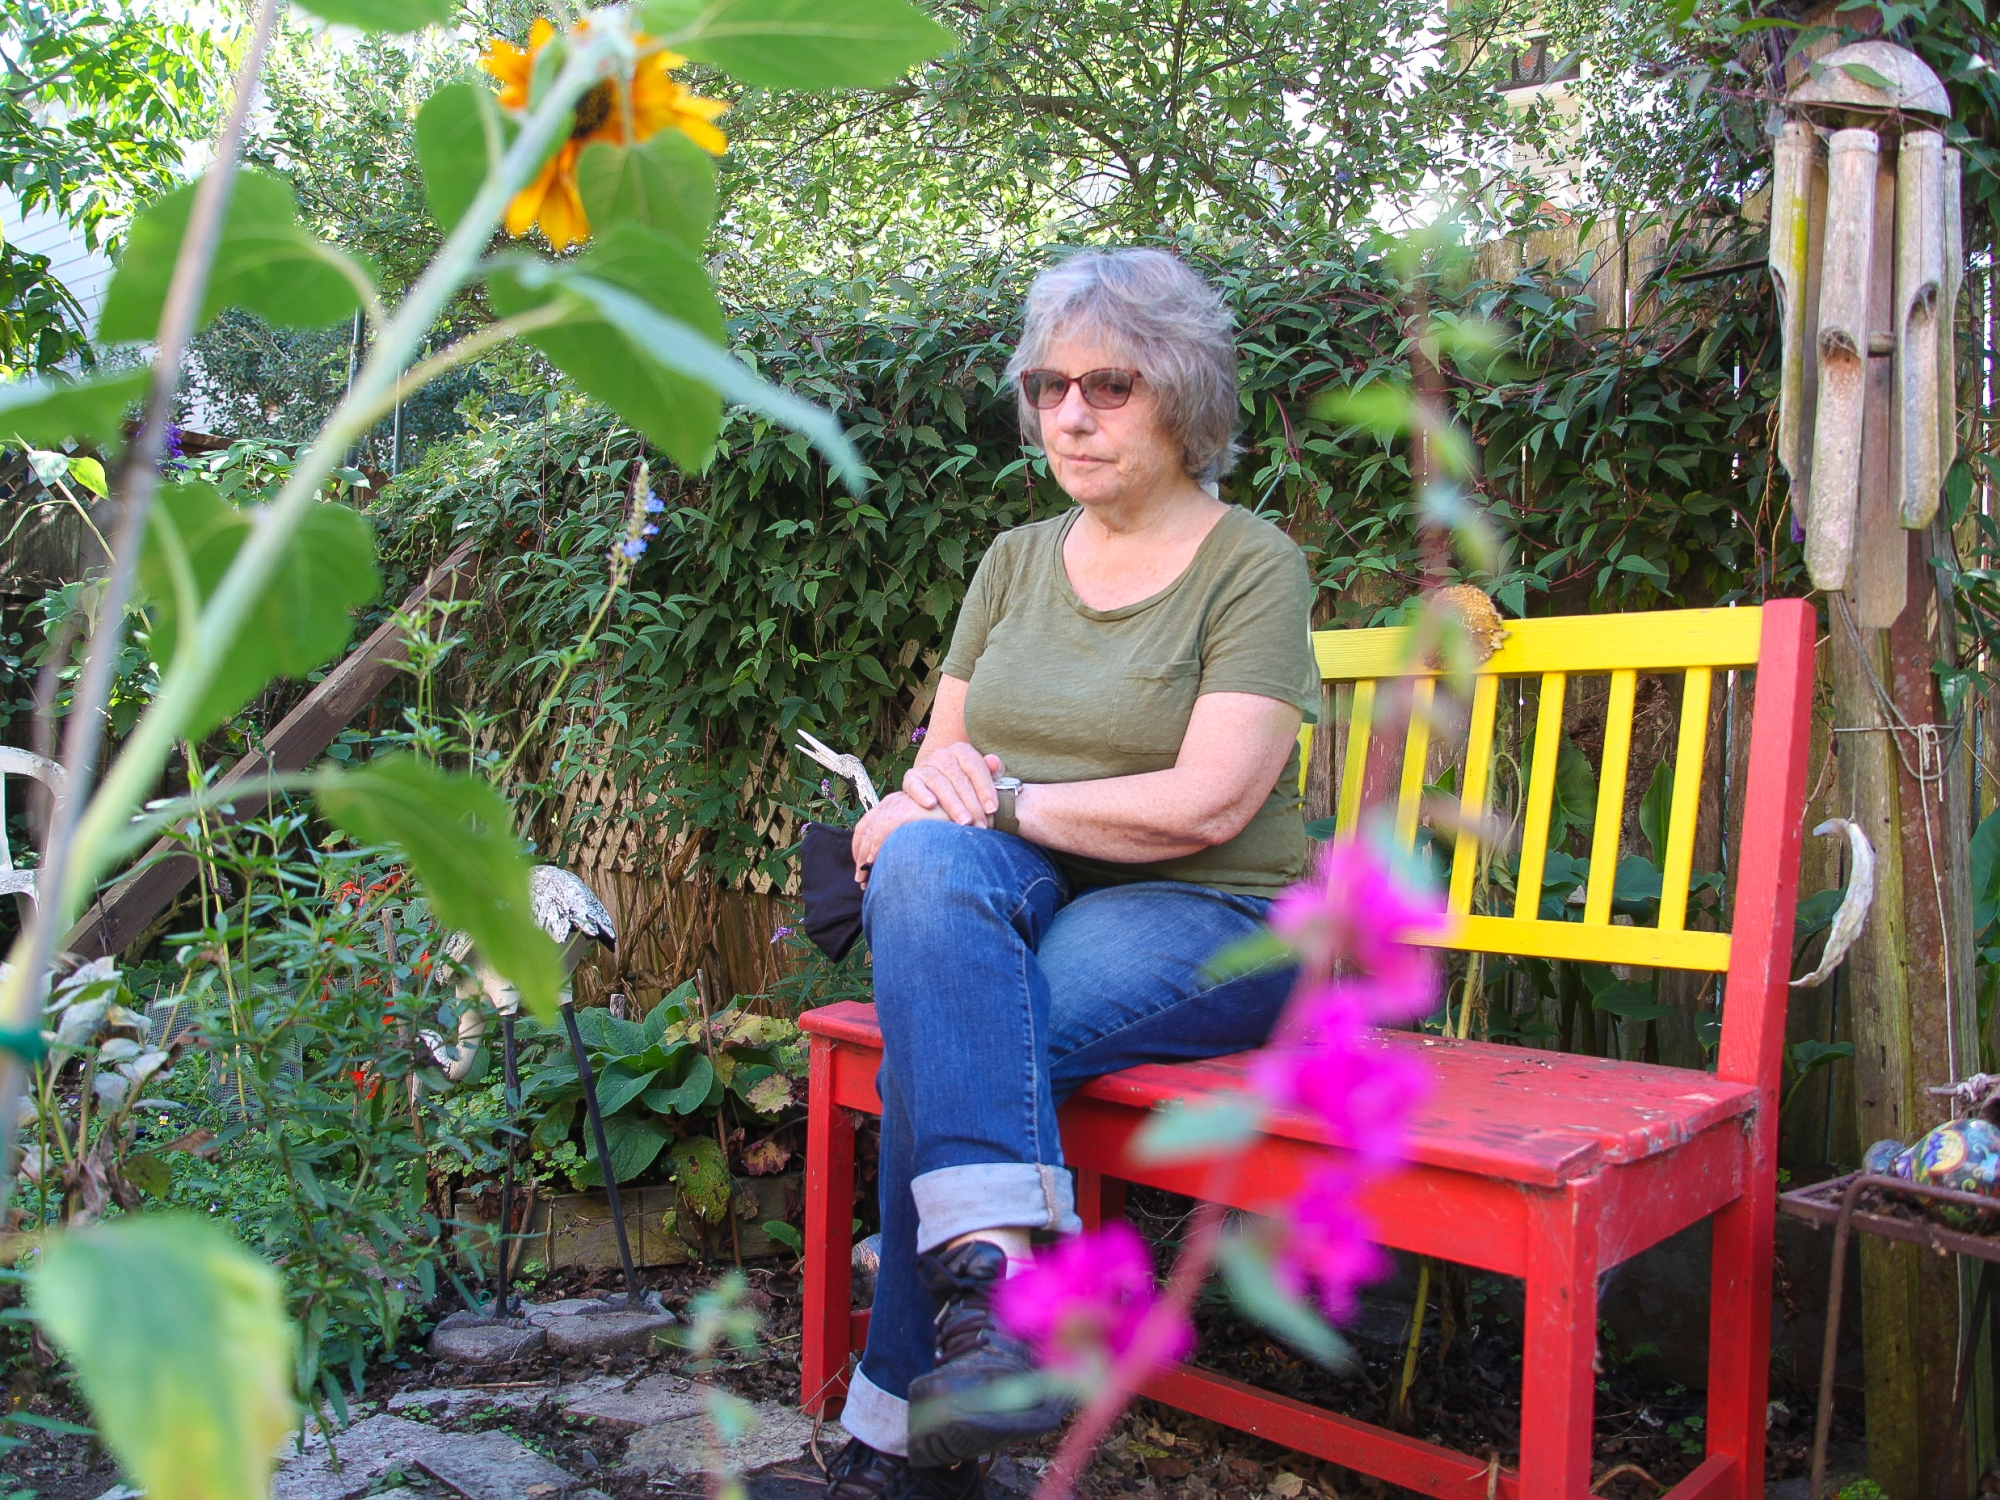 Teresa Palmer sitting in backyard